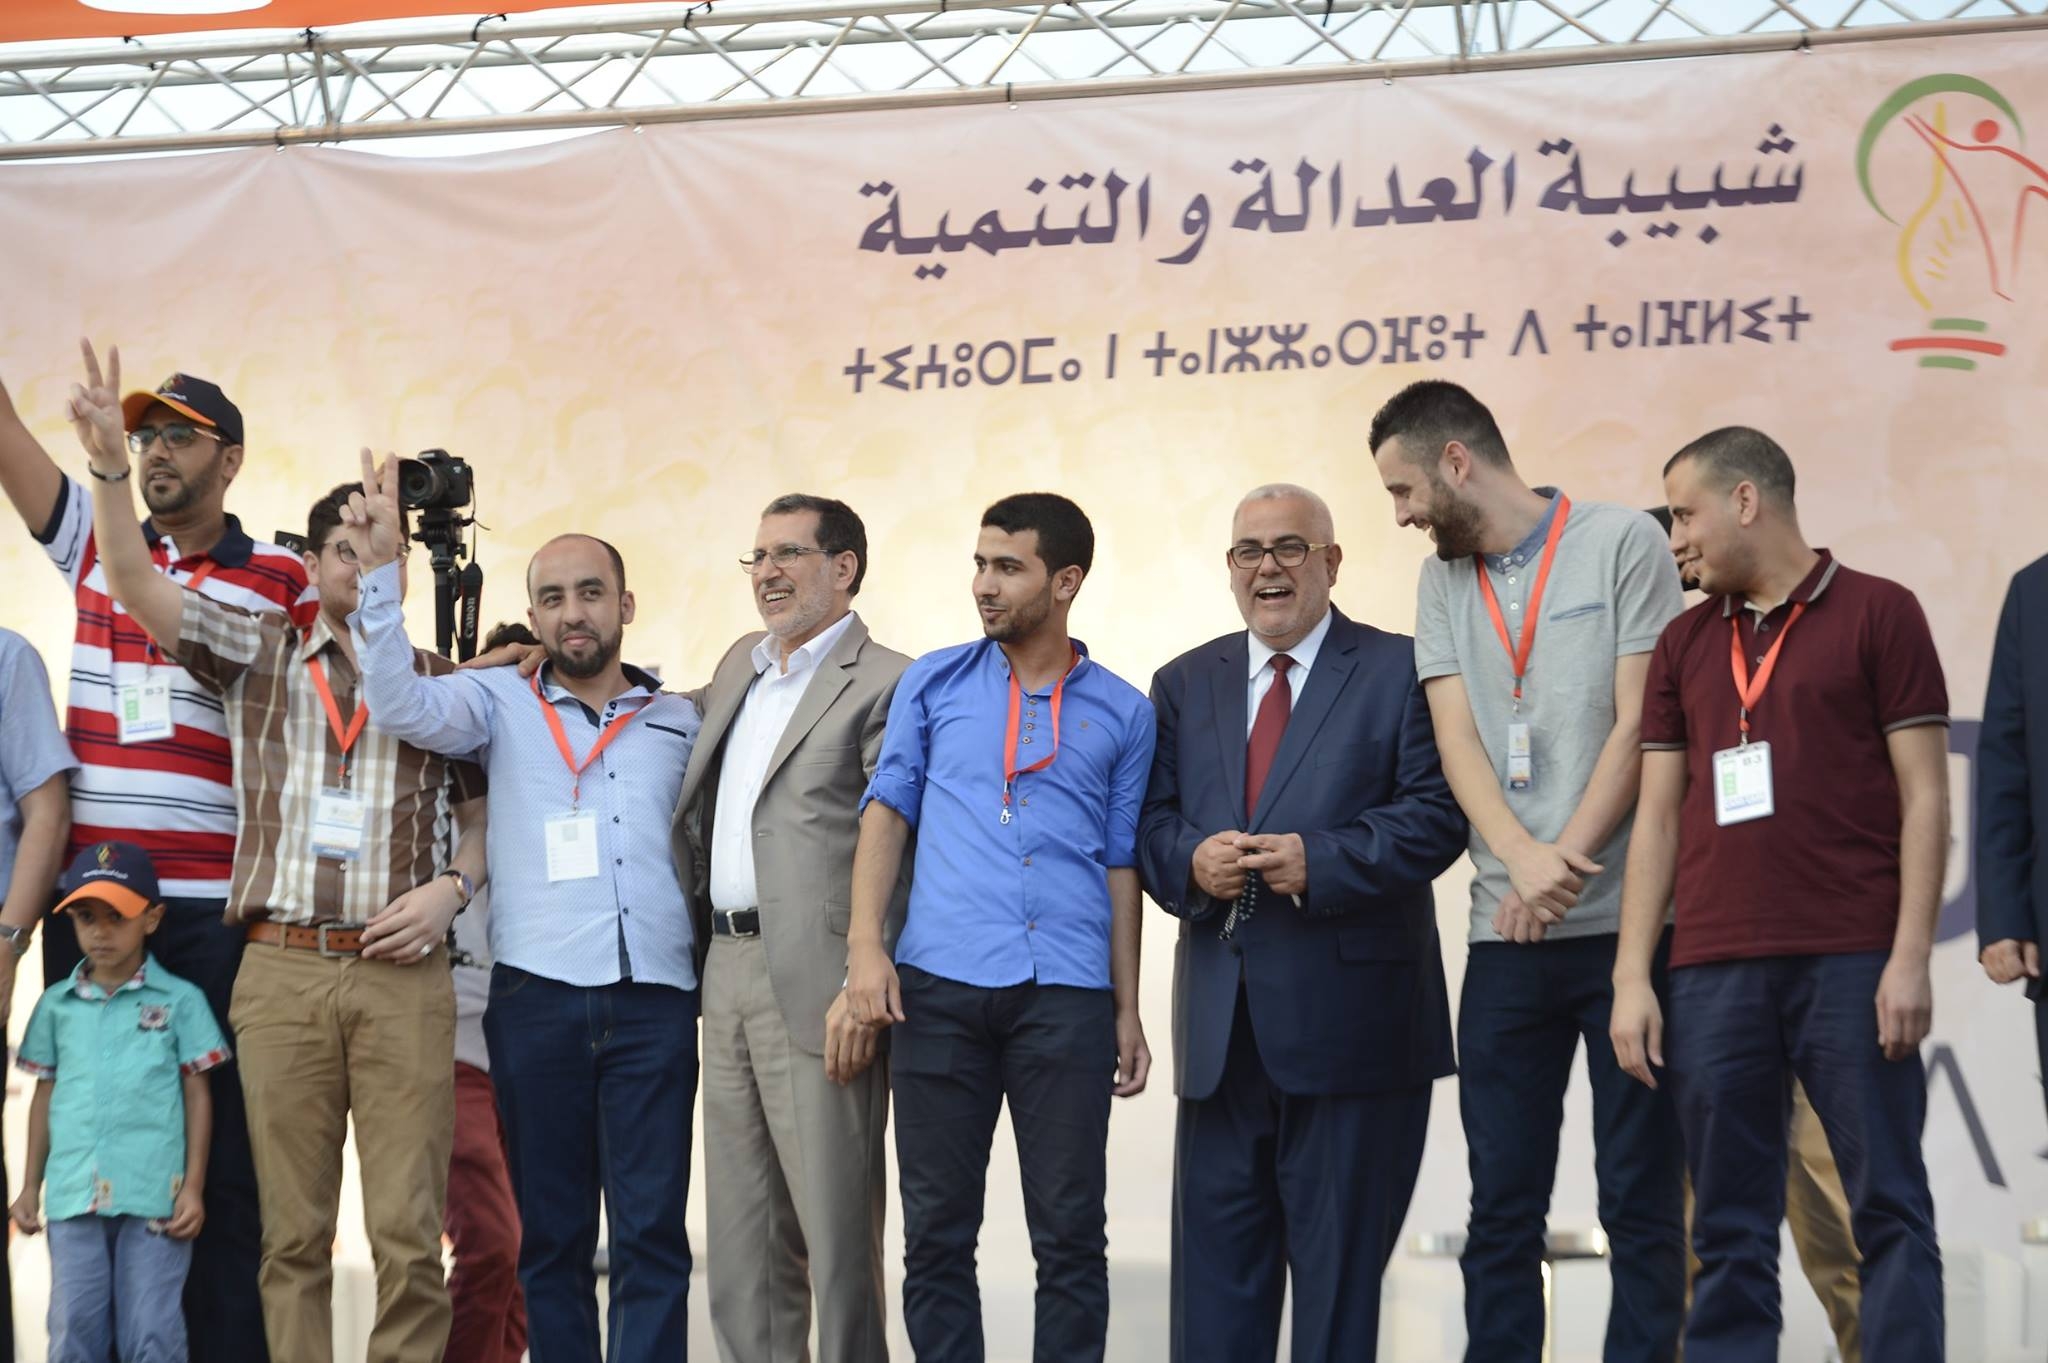 شبيبة البيجيدي : الحكام العرب أوصلوا أمتهم إلى الضعف و الوهن